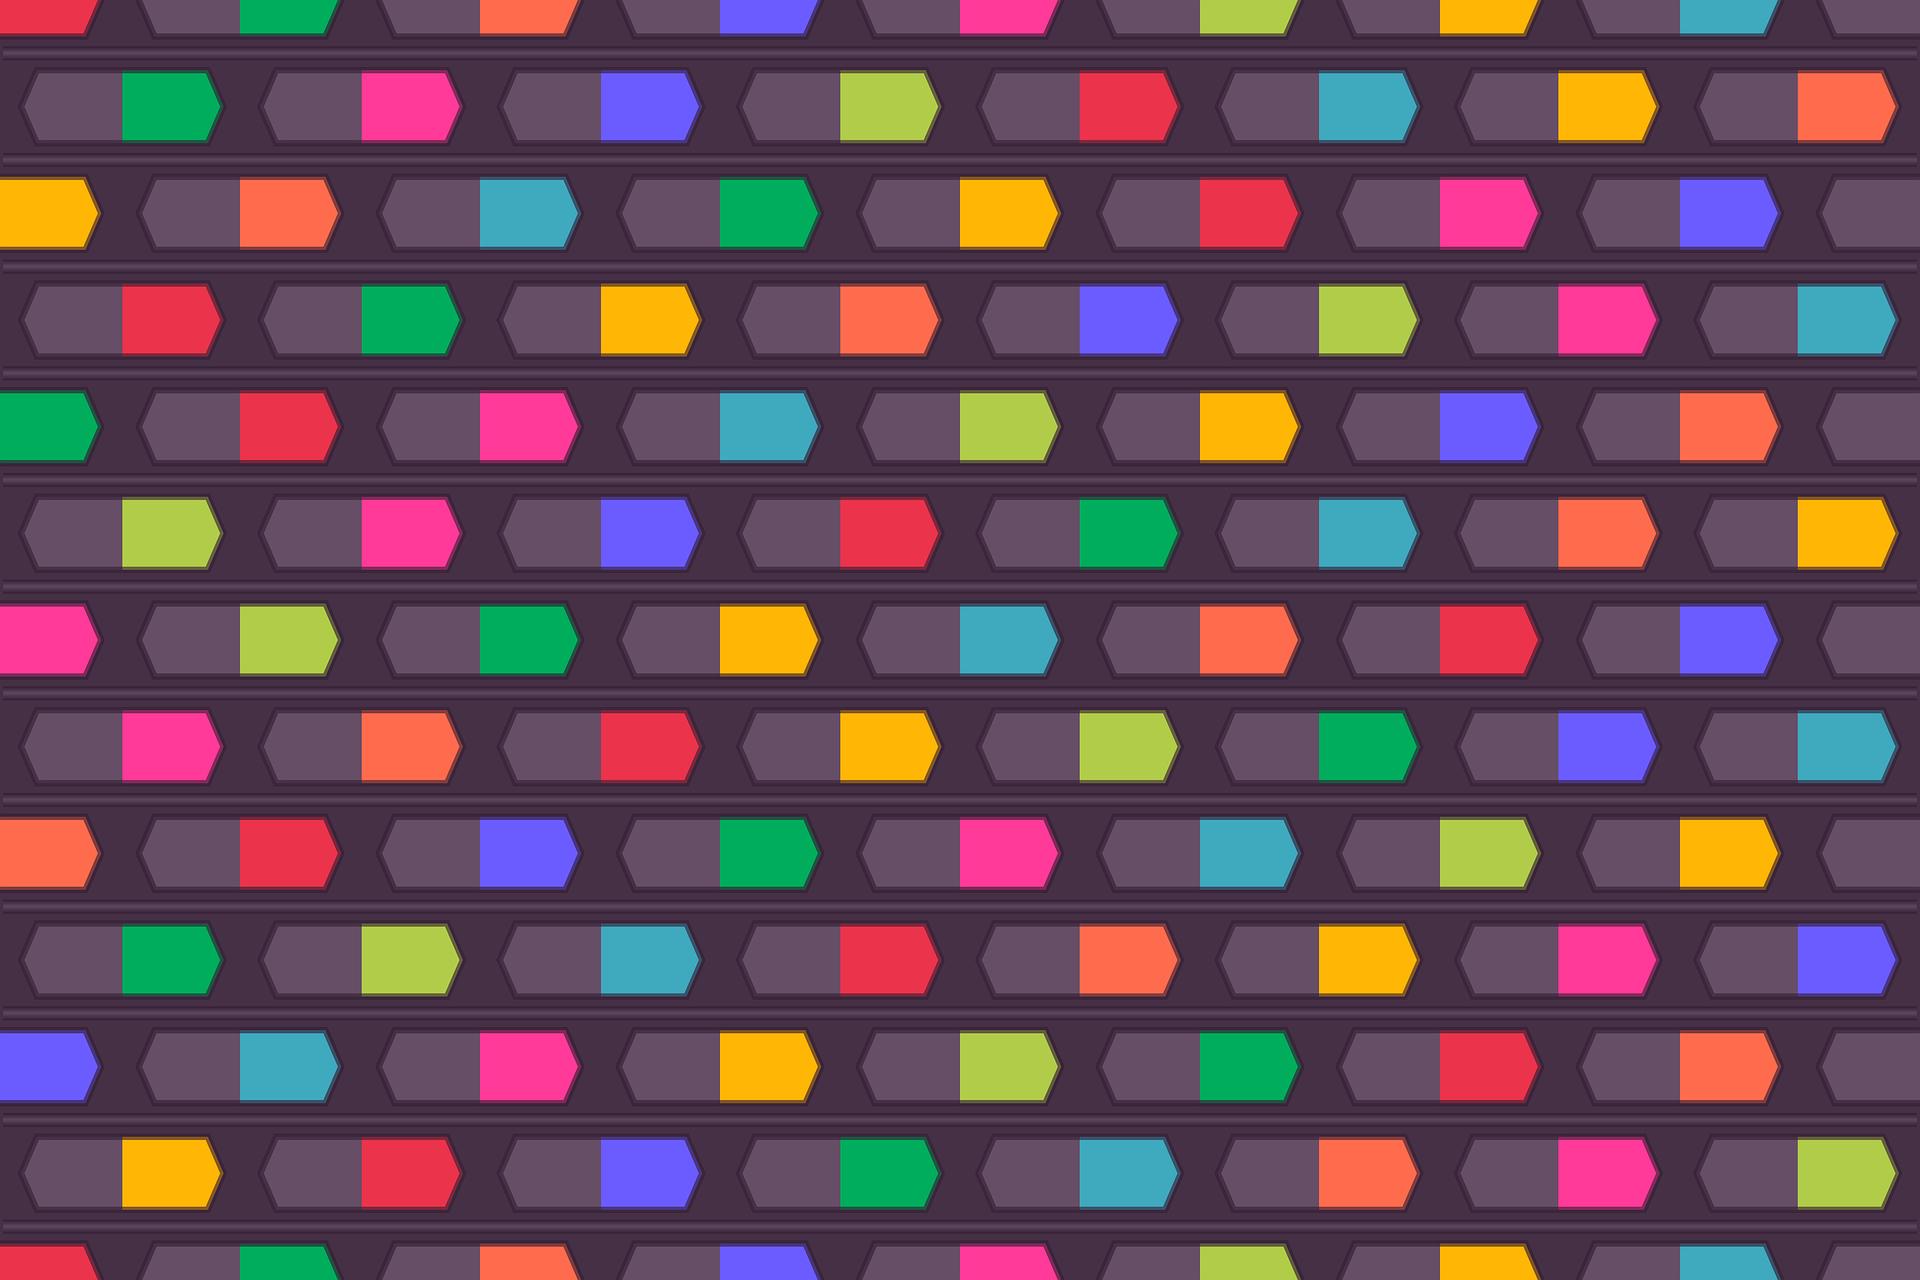 γεωμετρία, χρώματα, γεωμετρικό, Μπλε, Κίτρινο - Wallpapers HD - Professor-falken.com